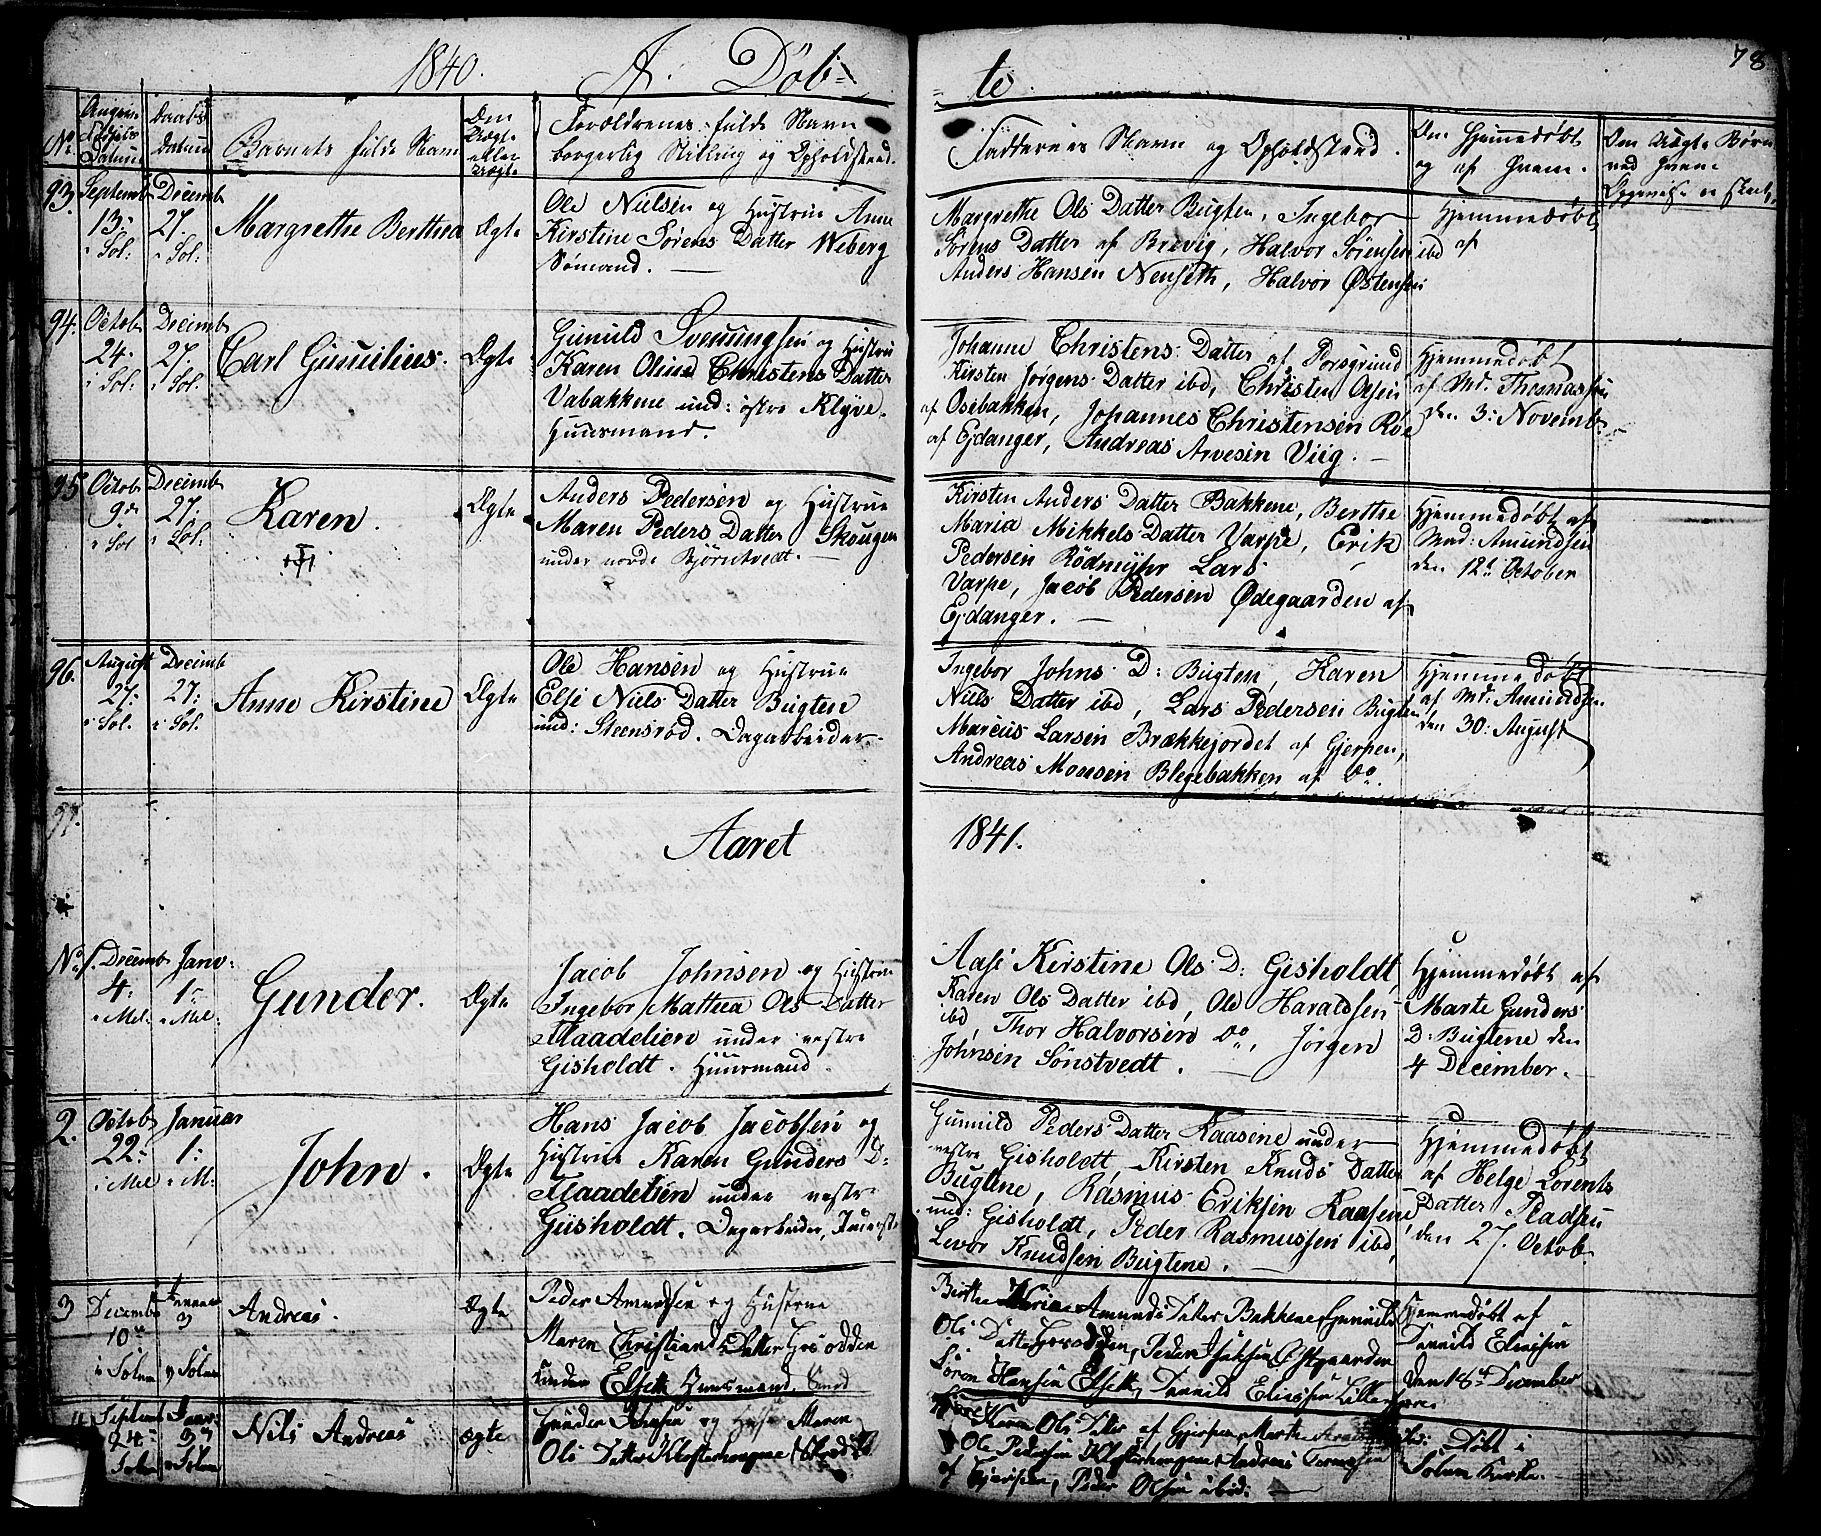 SAKO, Solum kirkebøker, G/Ga/L0002: Klokkerbok nr. I 2, 1834-1848, s. 78